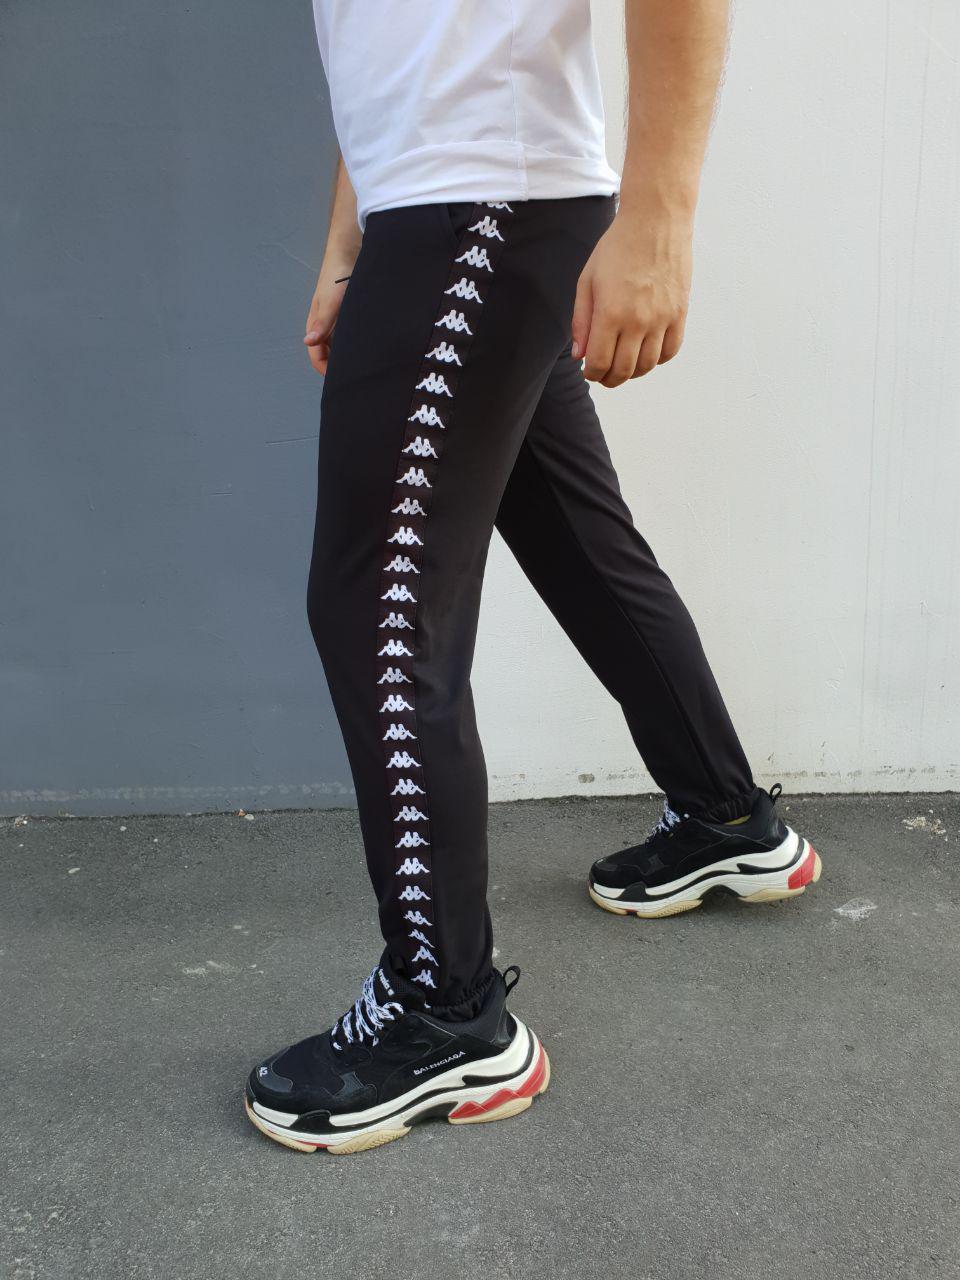 b5f66f542241 Спортивные штаны мужские черные c лампасами Kappa - Доберман шоп - уличный  шмот в Харькове